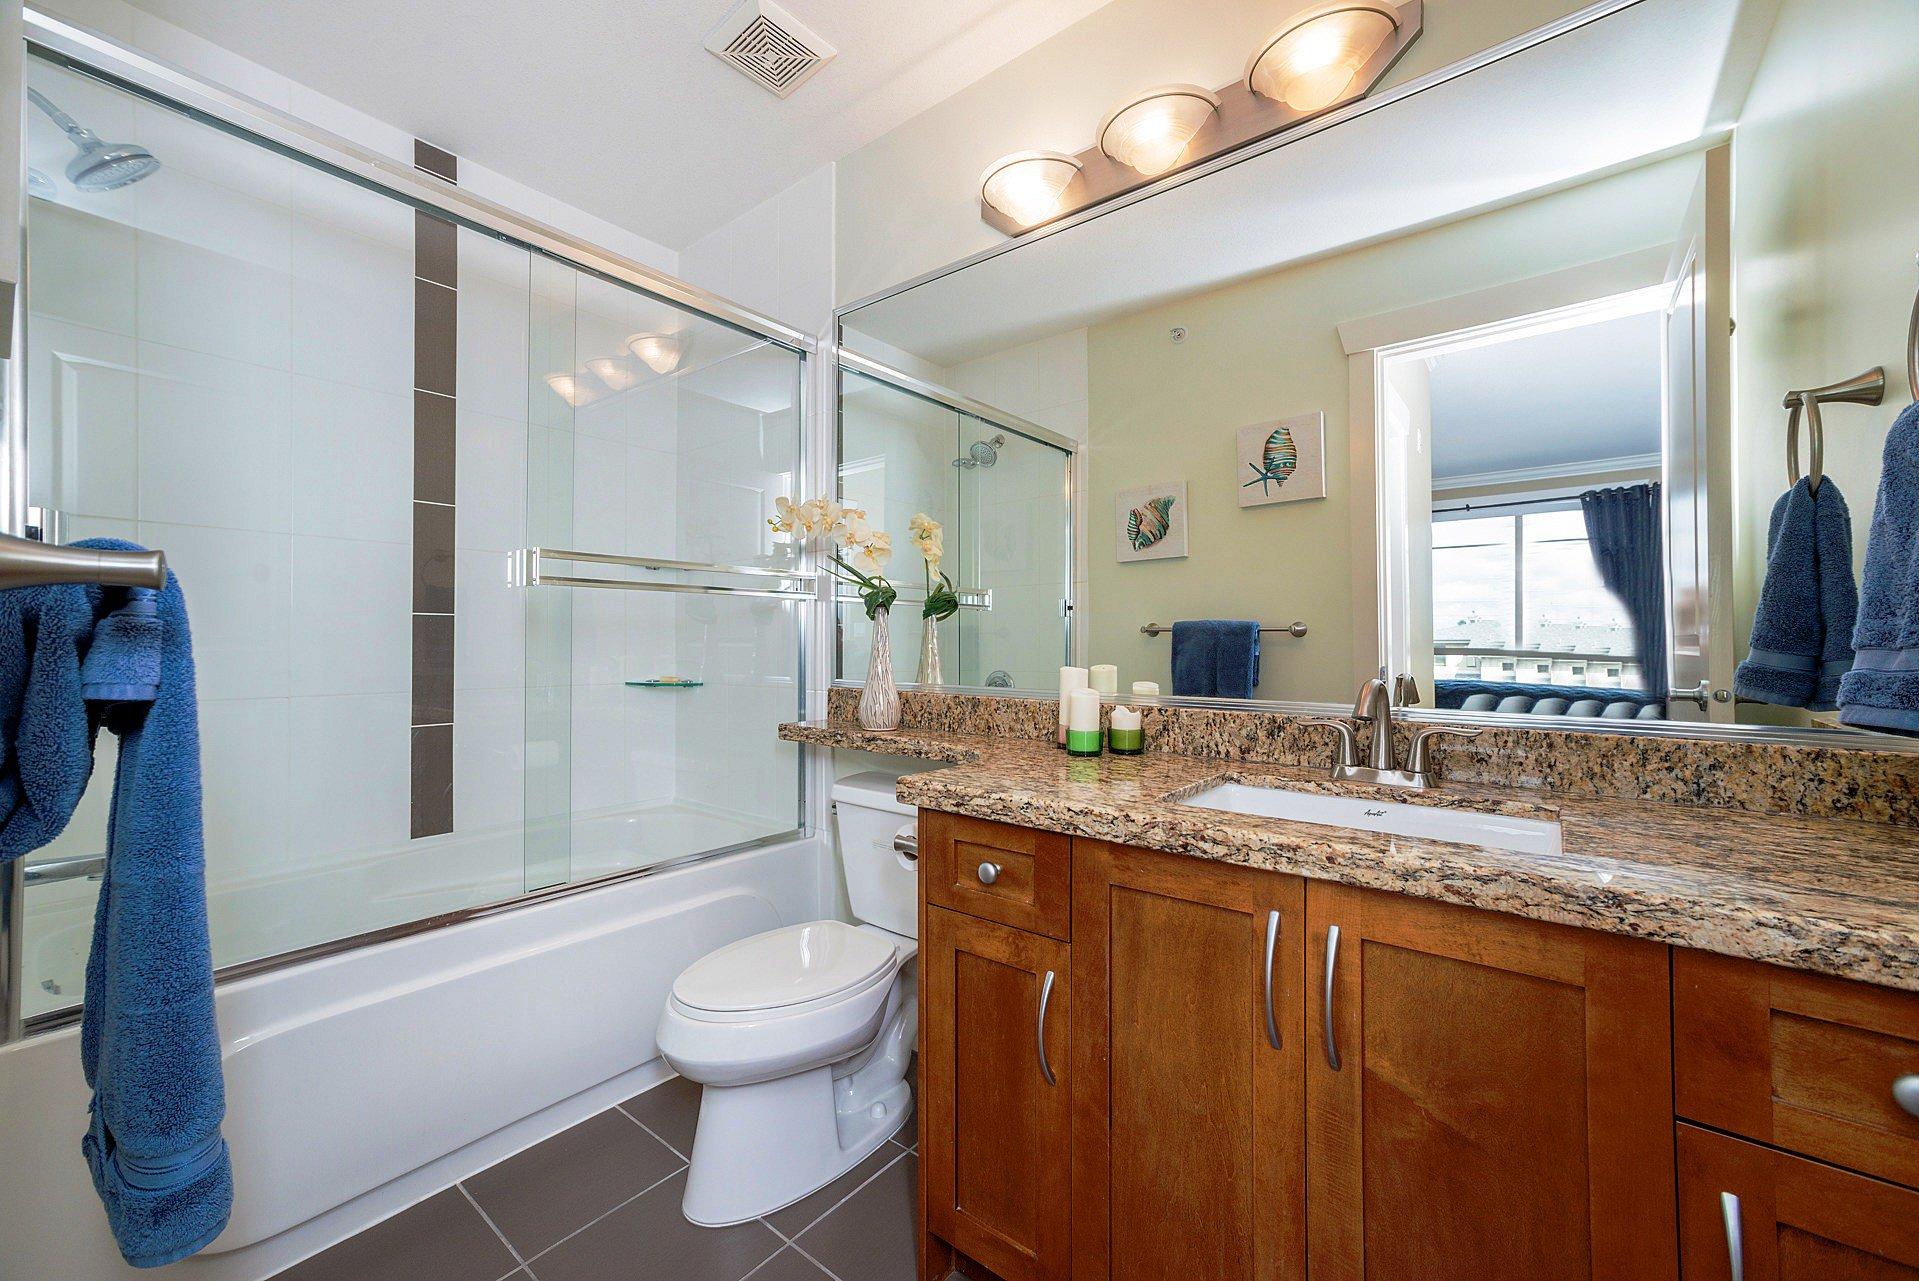 """Photo 17: Photos: 408 15368 17A Avenue in Surrey: King George Corridor Condo for sale in """"OCEAN WYNDE"""" (South Surrey White Rock)  : MLS®# R2249492"""